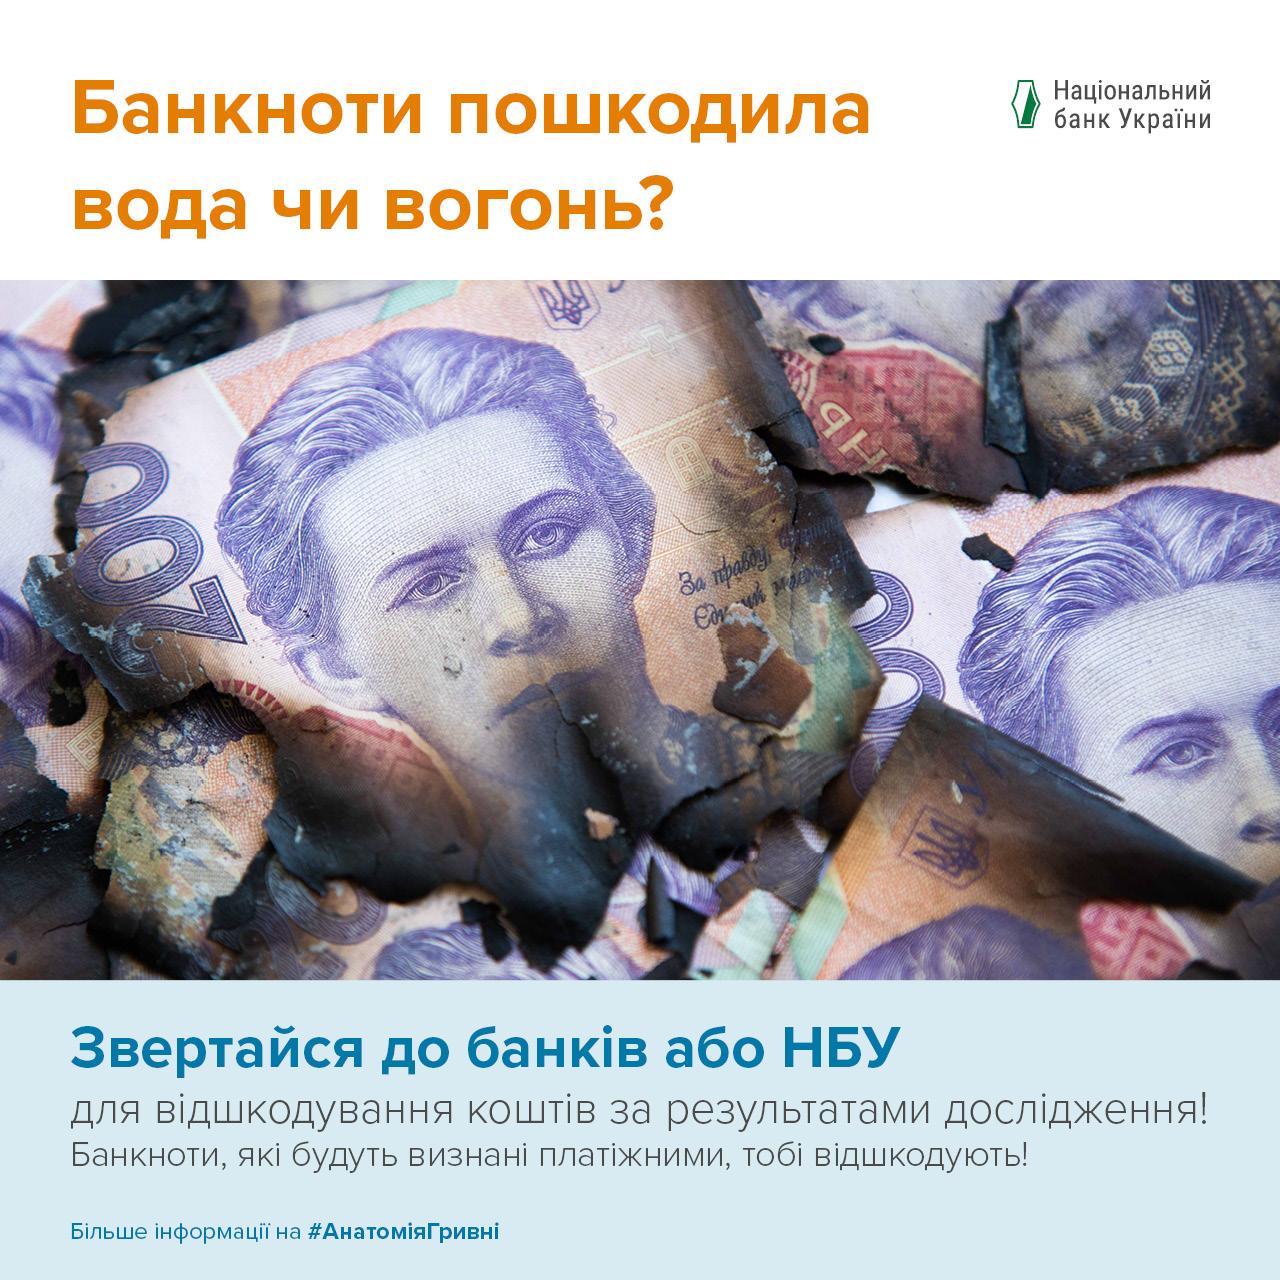 Анатомія гривні - фото 2 - mtb.ua